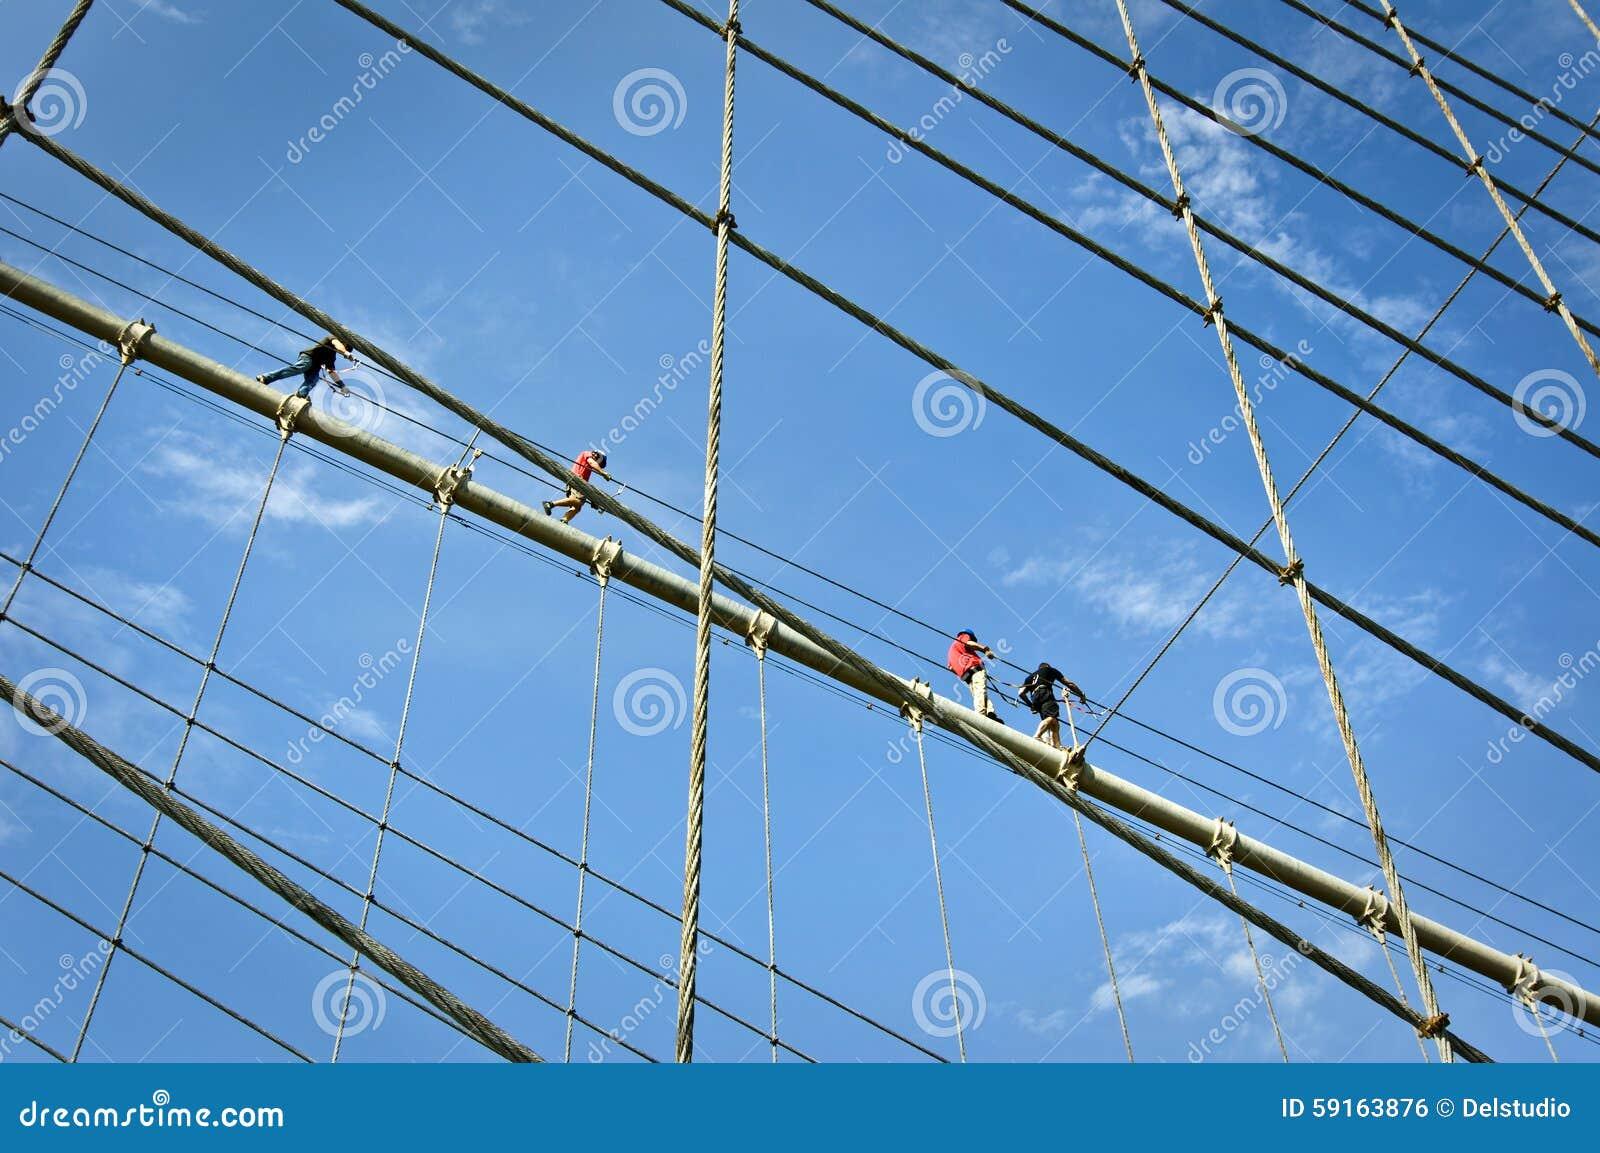 Альпинисты на кабелях Бруклинского моста, Нью-Йорк